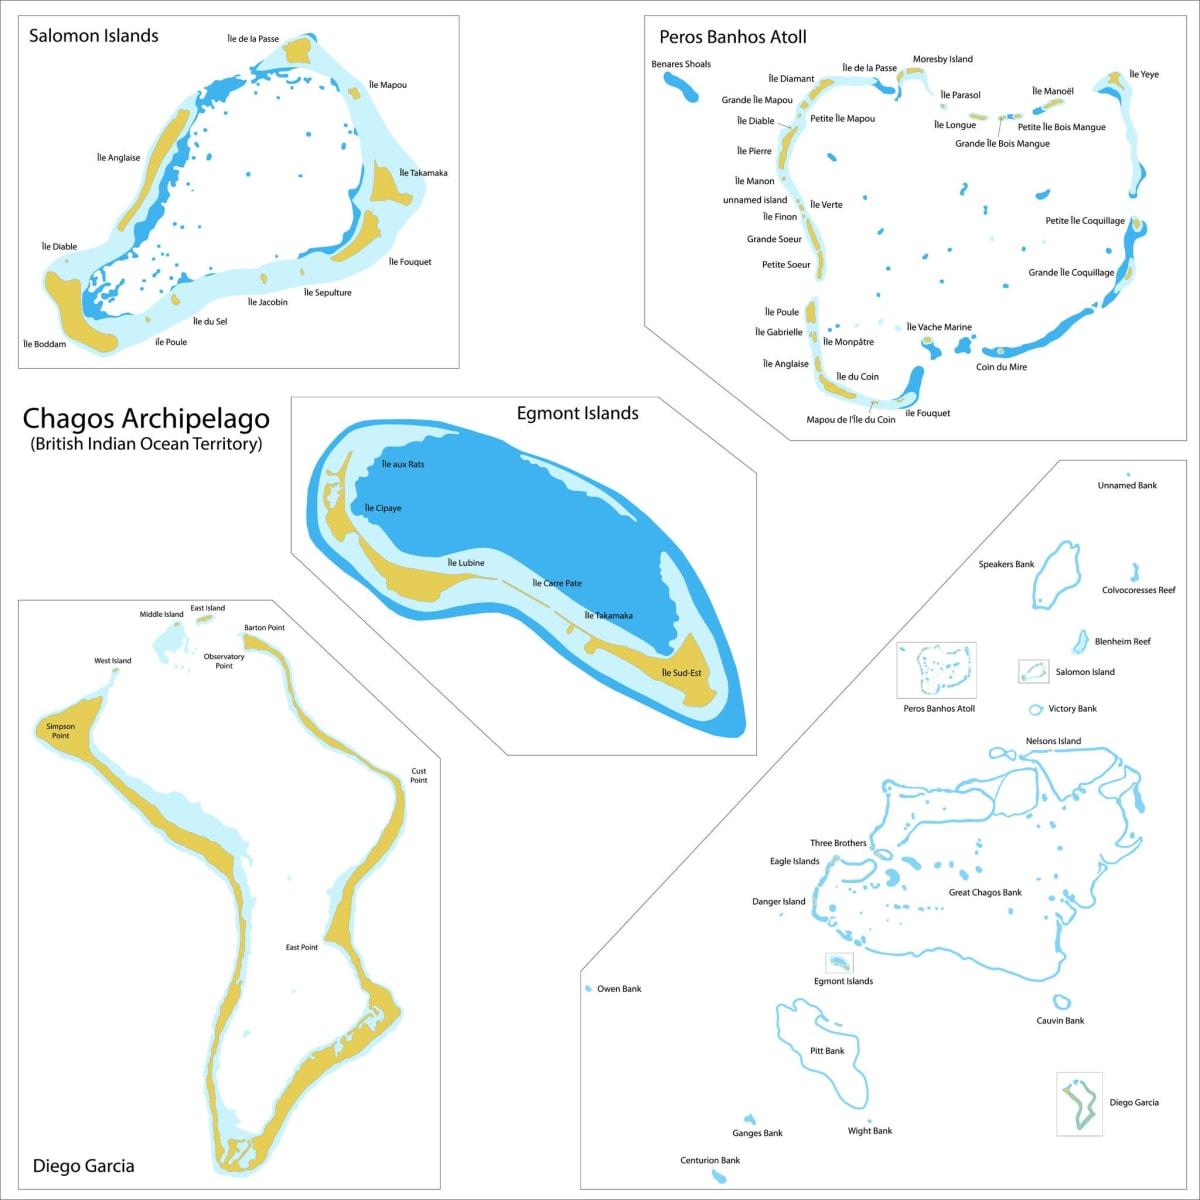 Chagos Archipelago.